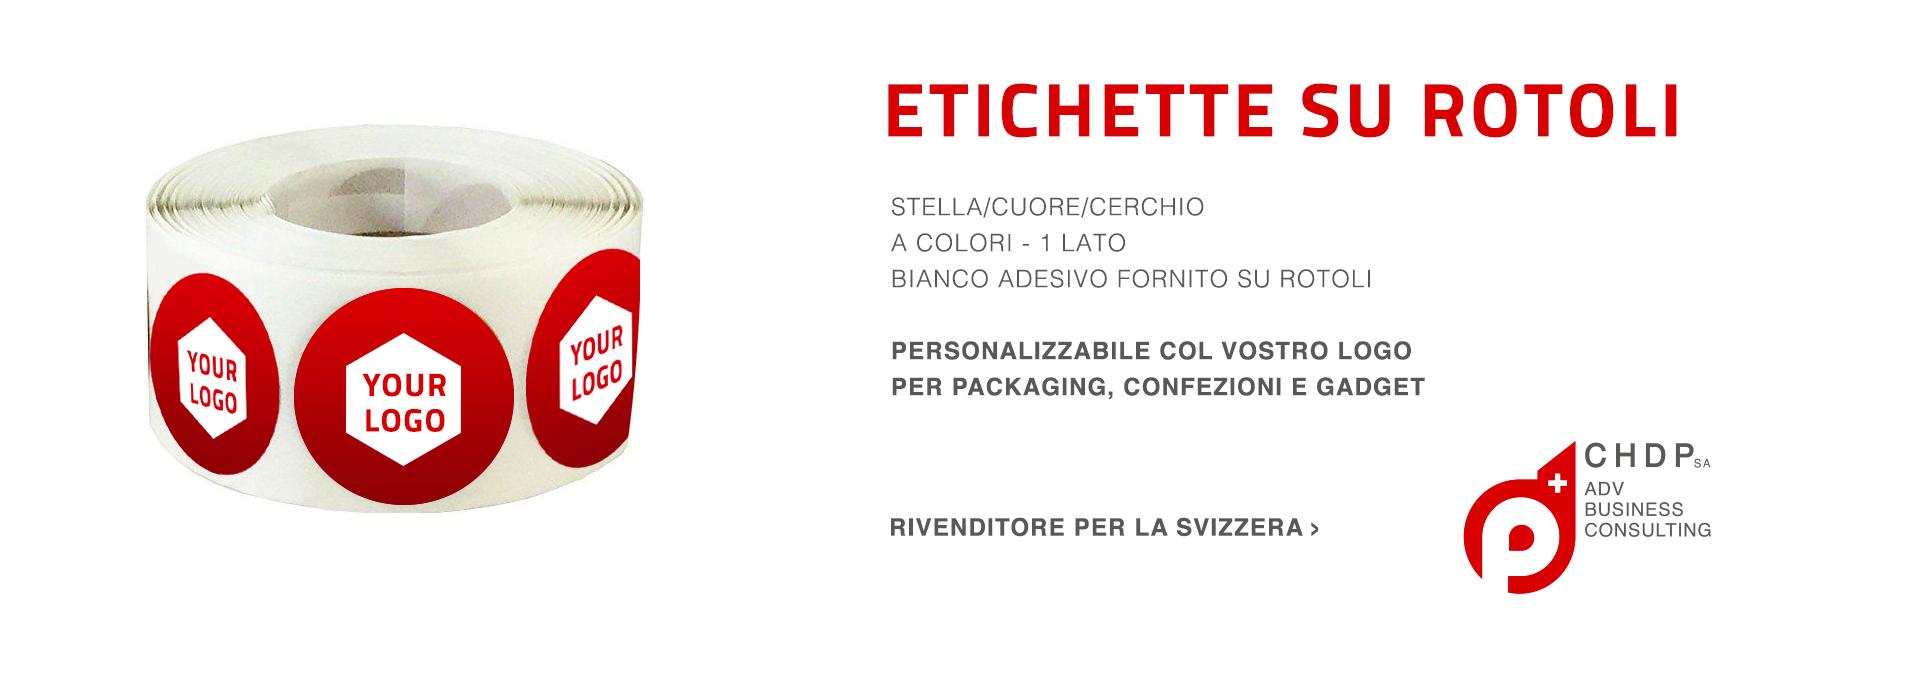 ETICHETTE SU ROTOLO  personalizzabili per la tua azienda in Svizzera